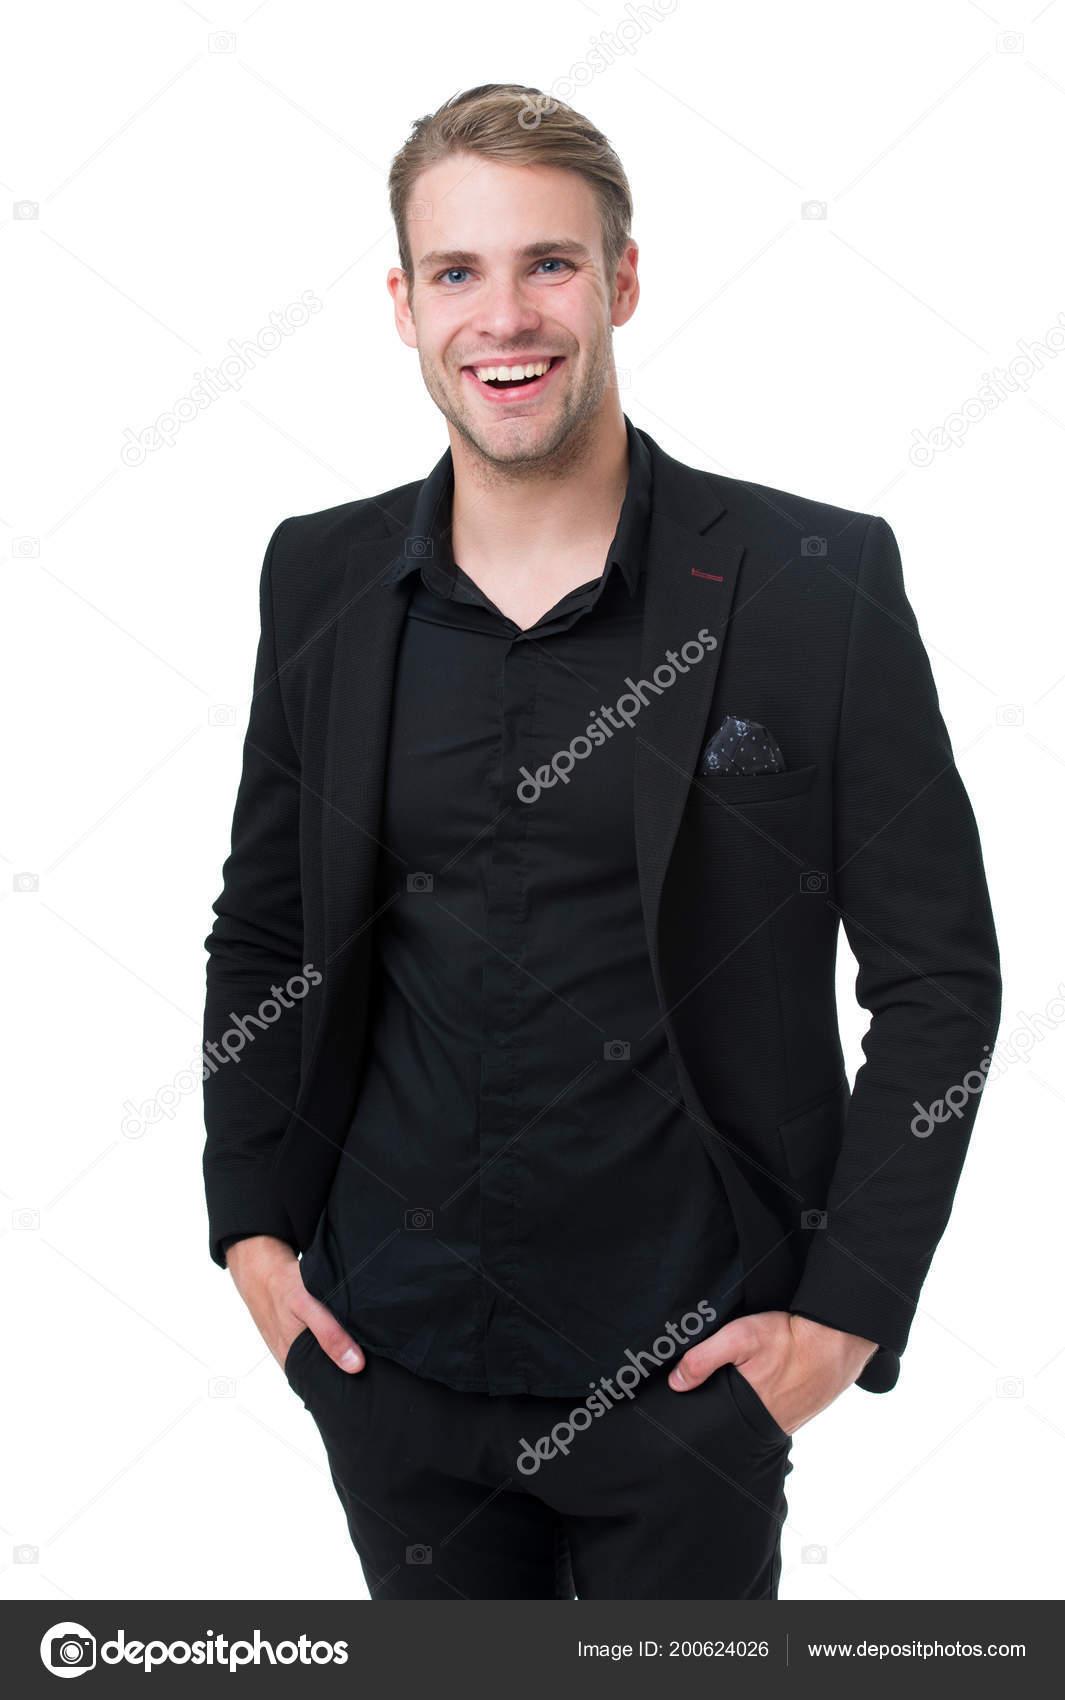 Business oblečení. Muž šťastný formální černé šaty bílé pozadí. Business  casual. Ležérní vzhled pro profesionální prostředí. ec36bdce4d3